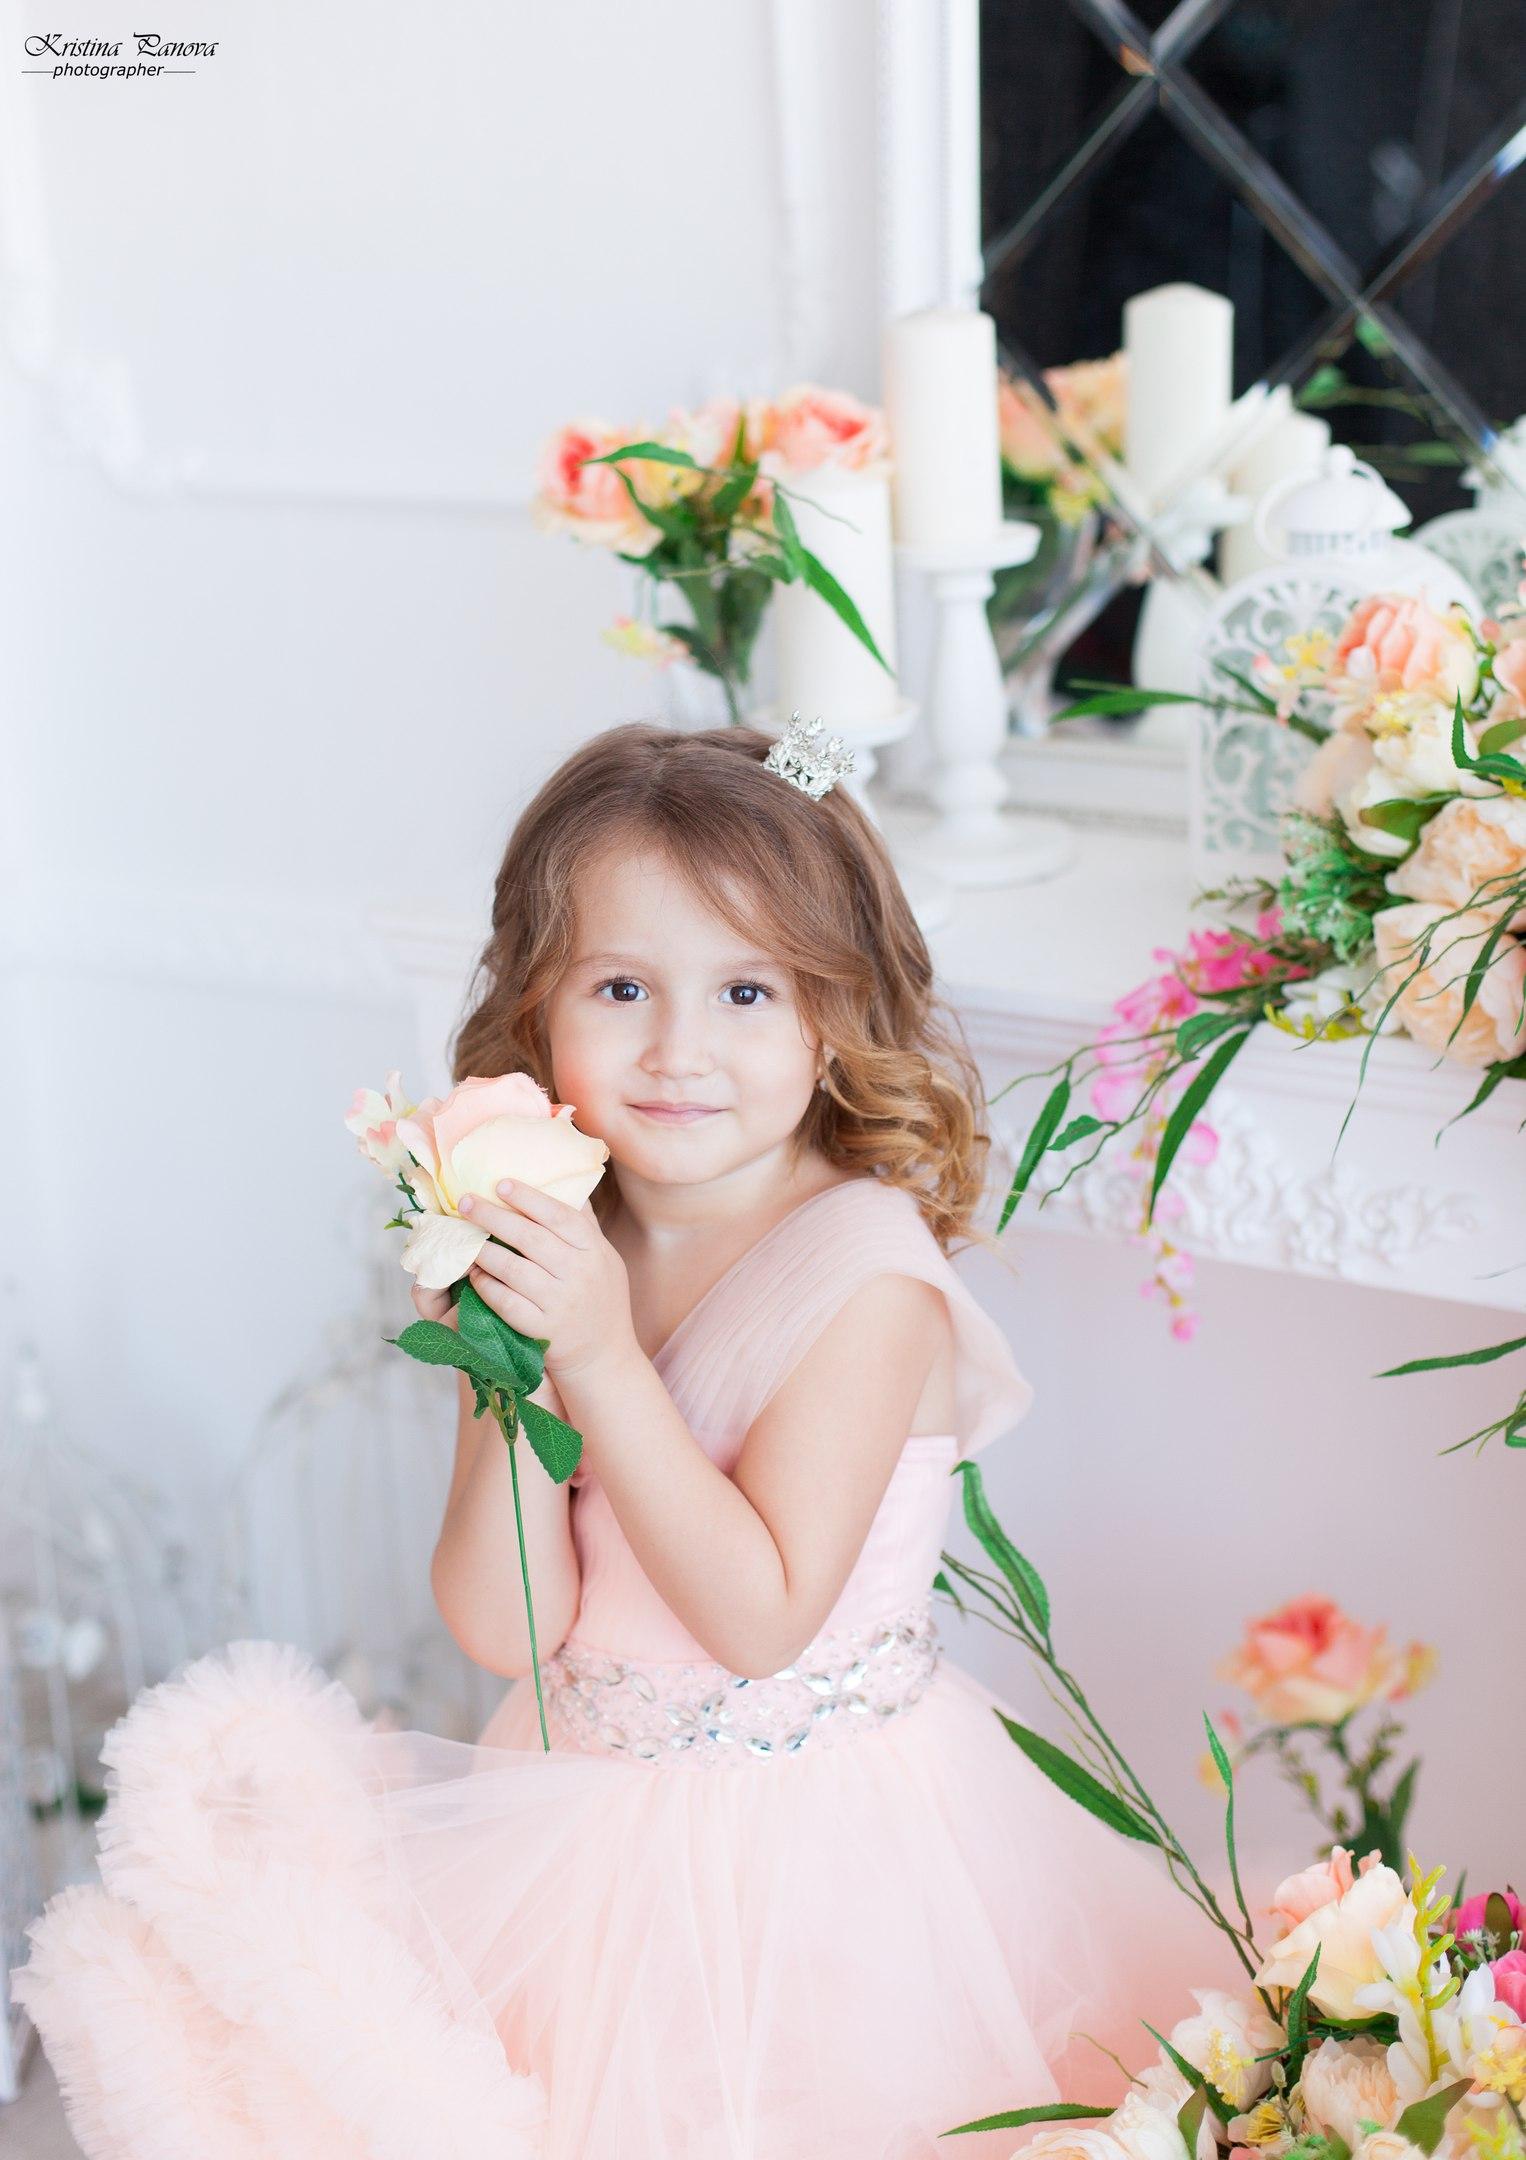 Моя принцесса. Принцесса собирается на бал